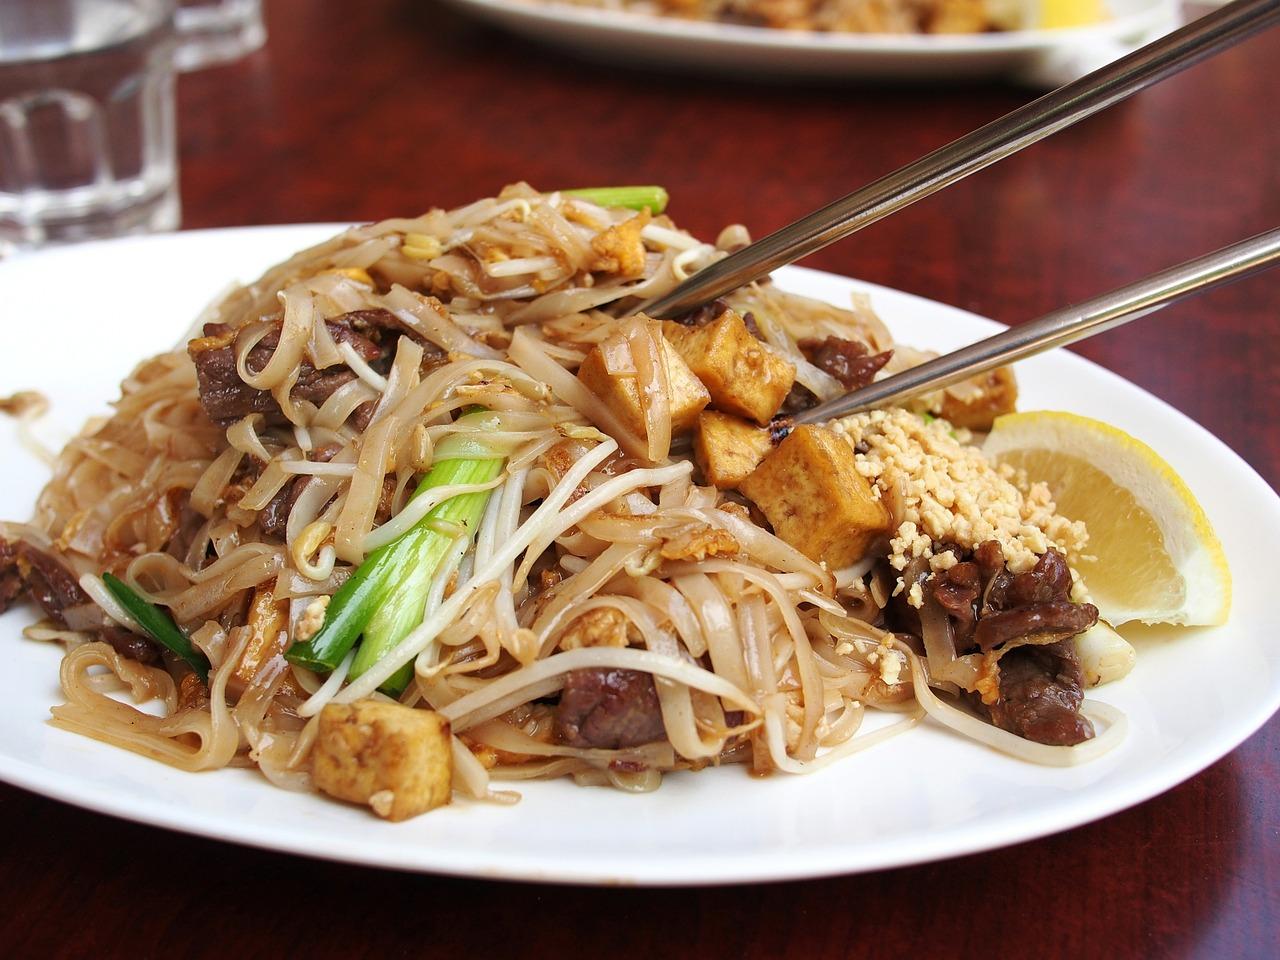 restaurant asiatiques, nouilles asiatiques, sauté légumes, vermicelles, paradis d'asie, trois-rivières